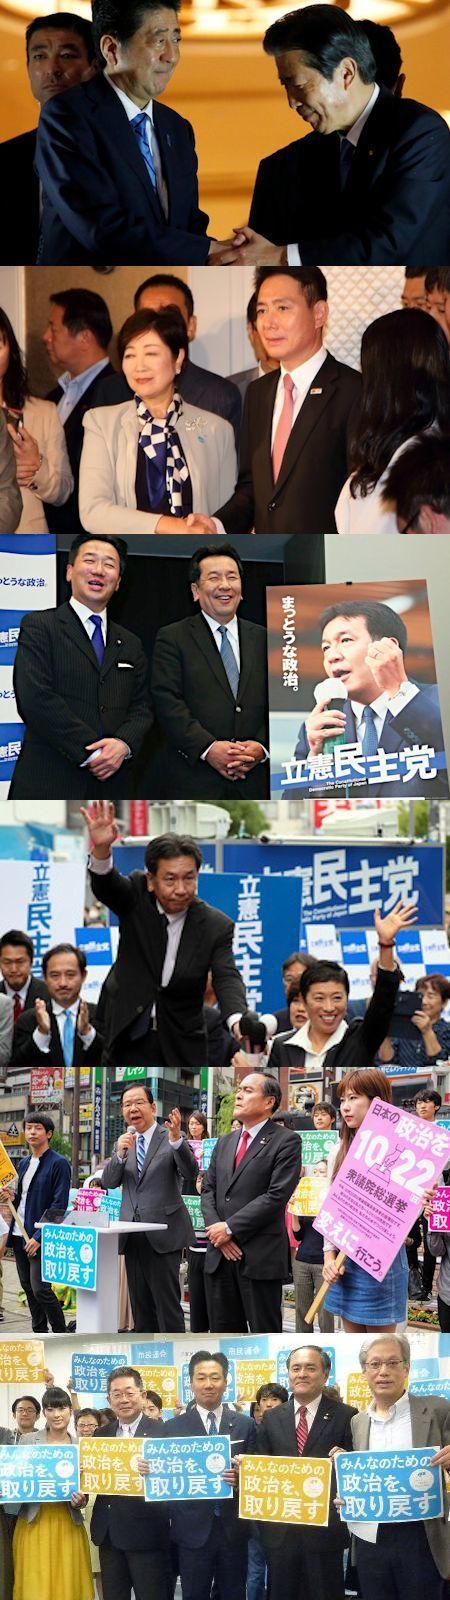 五たび安倍自民党圧勝の選挙 - 「野党共闘」の戦略を根底から見直そう_c0315619_16545284.jpg